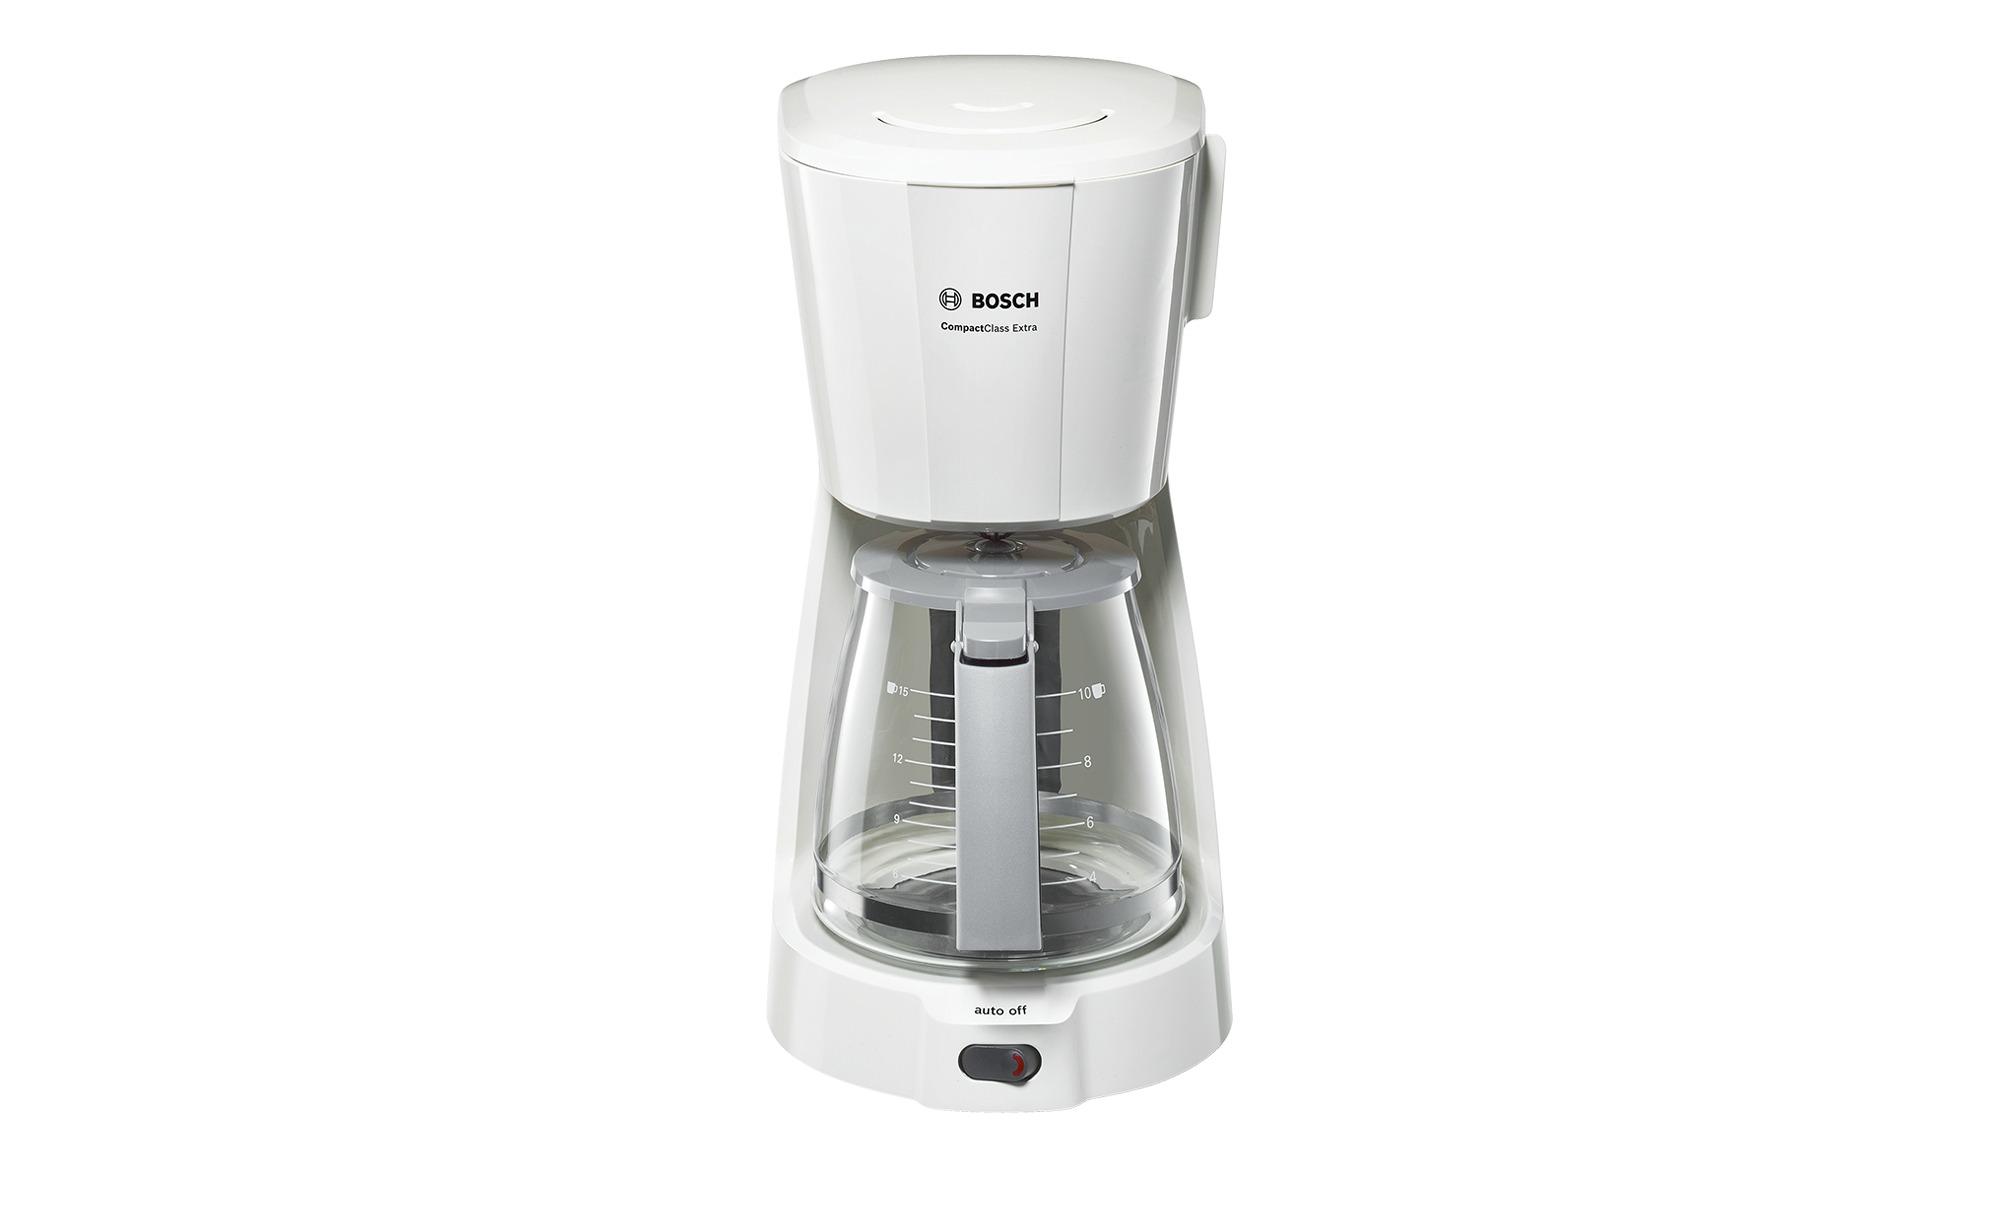 BOSCH Kaffeeautomat  TKA 3A031 - weiß - Kunststoff, Glas - 17 cm - 33,5 cm - 24,5 cm - Elektrokleingeräte > Kaffee & Espressomaschinen - Möbel Kraft | Küche und Esszimmer > Kaffee und Tee > Kaffeemaschinen | Glas | BOSCH